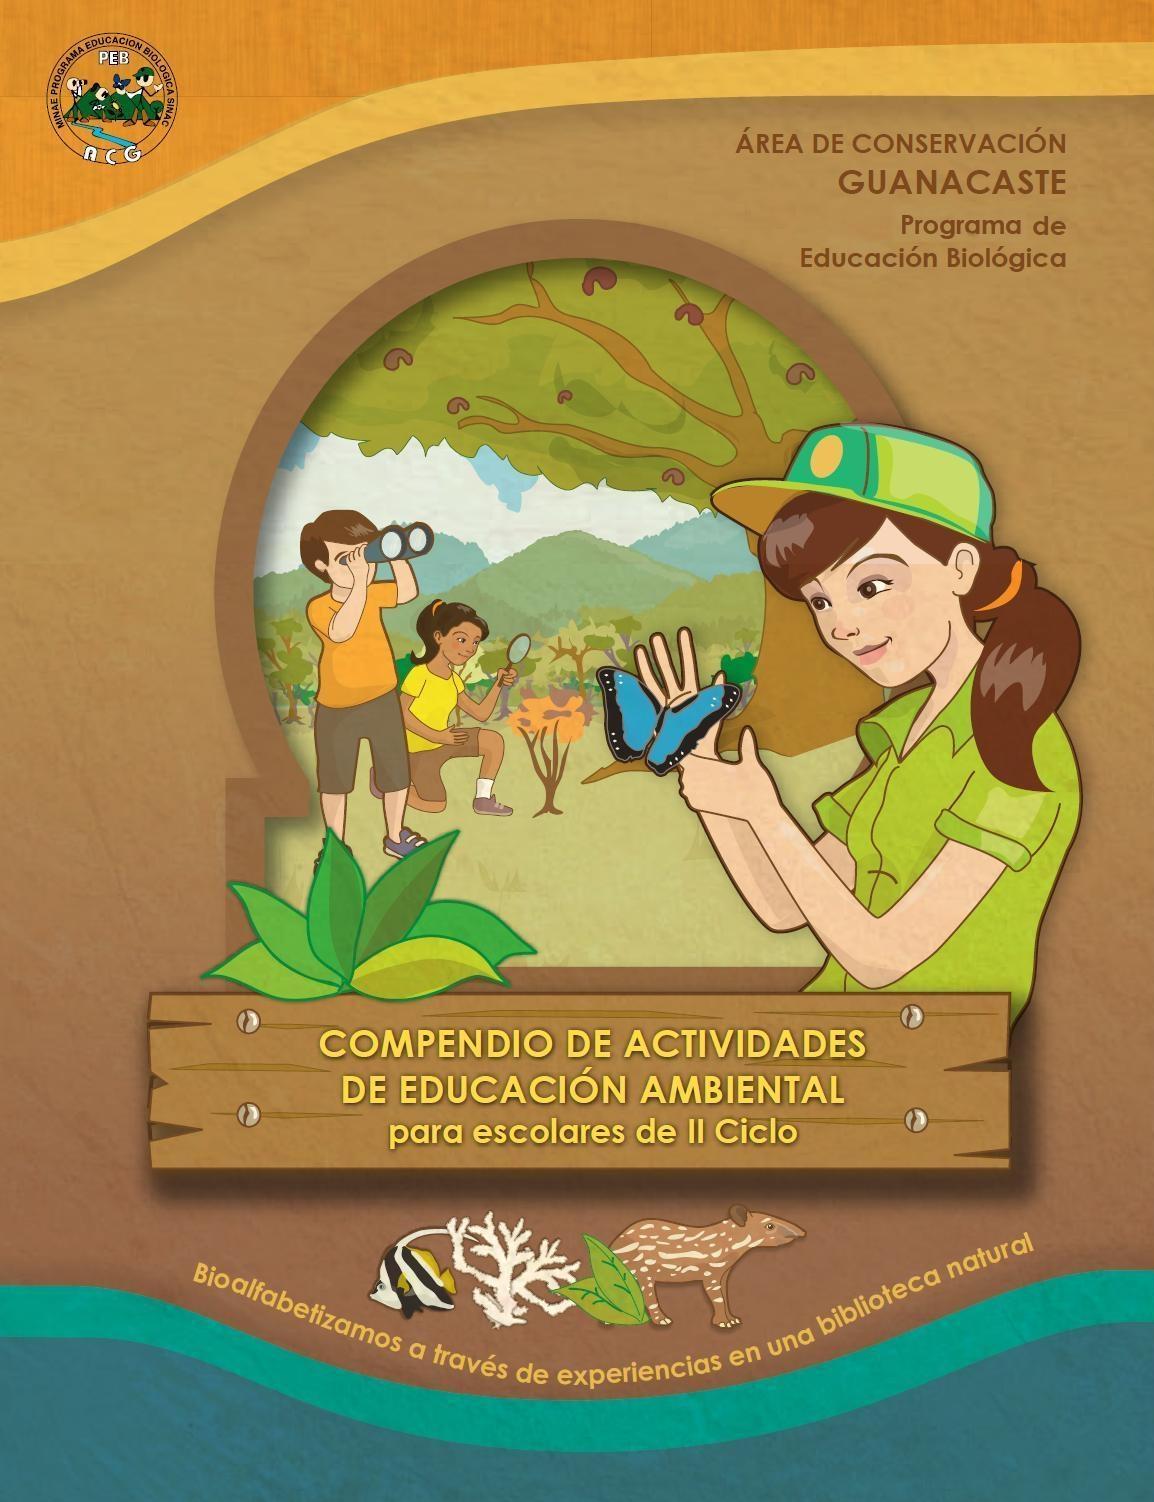 Compendio de Actividades de Educación Ambiental para Escolares de II Ciclo